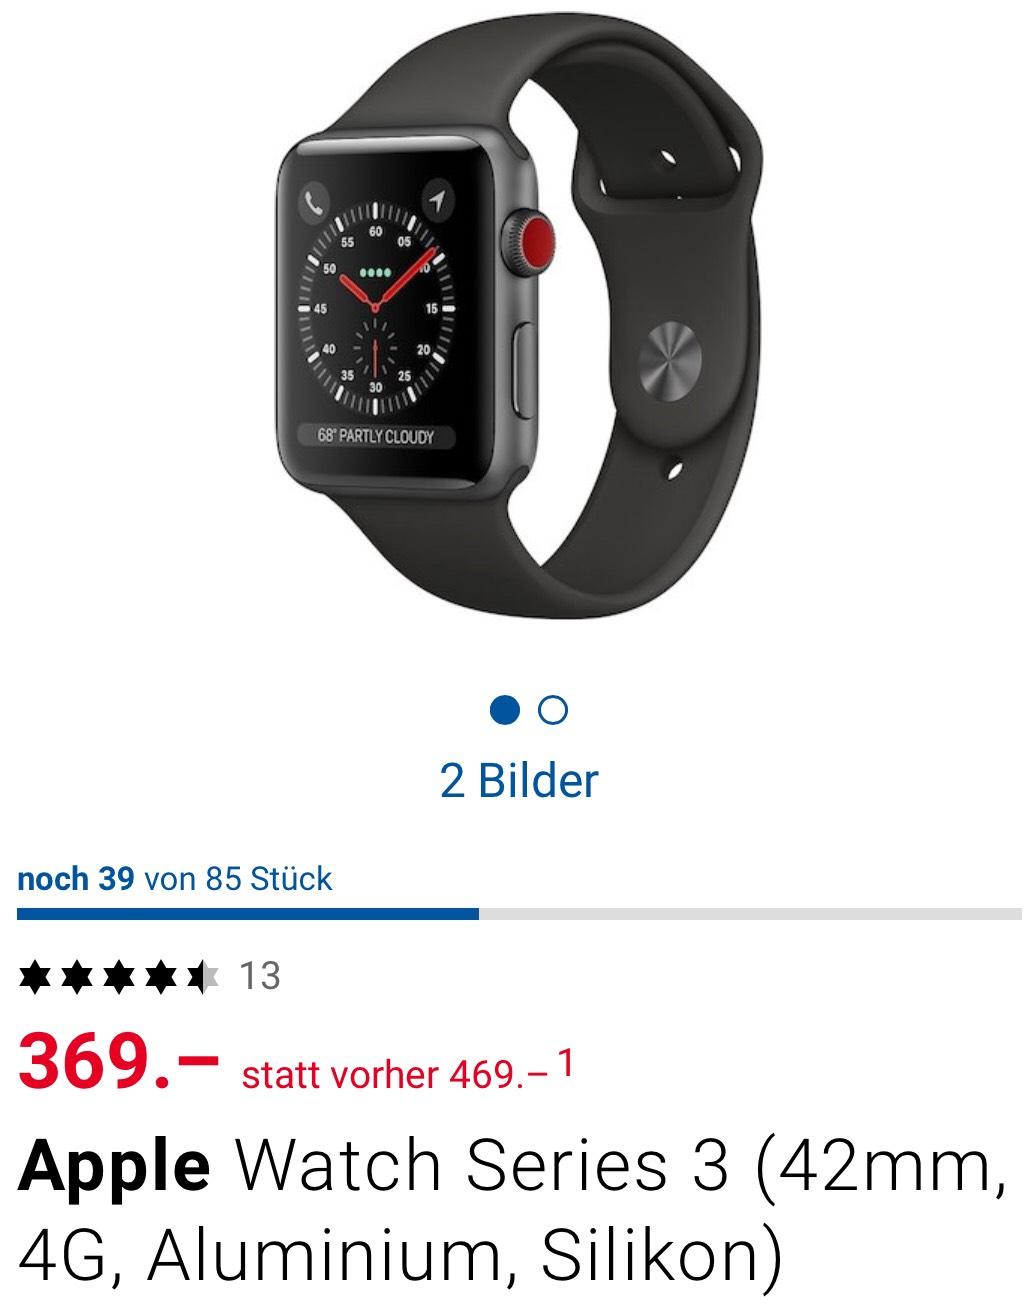 [SCHWEIZ] Apple Watch Series 3 (42mm) GPS + Cellular zum Bestpreis CHF 369